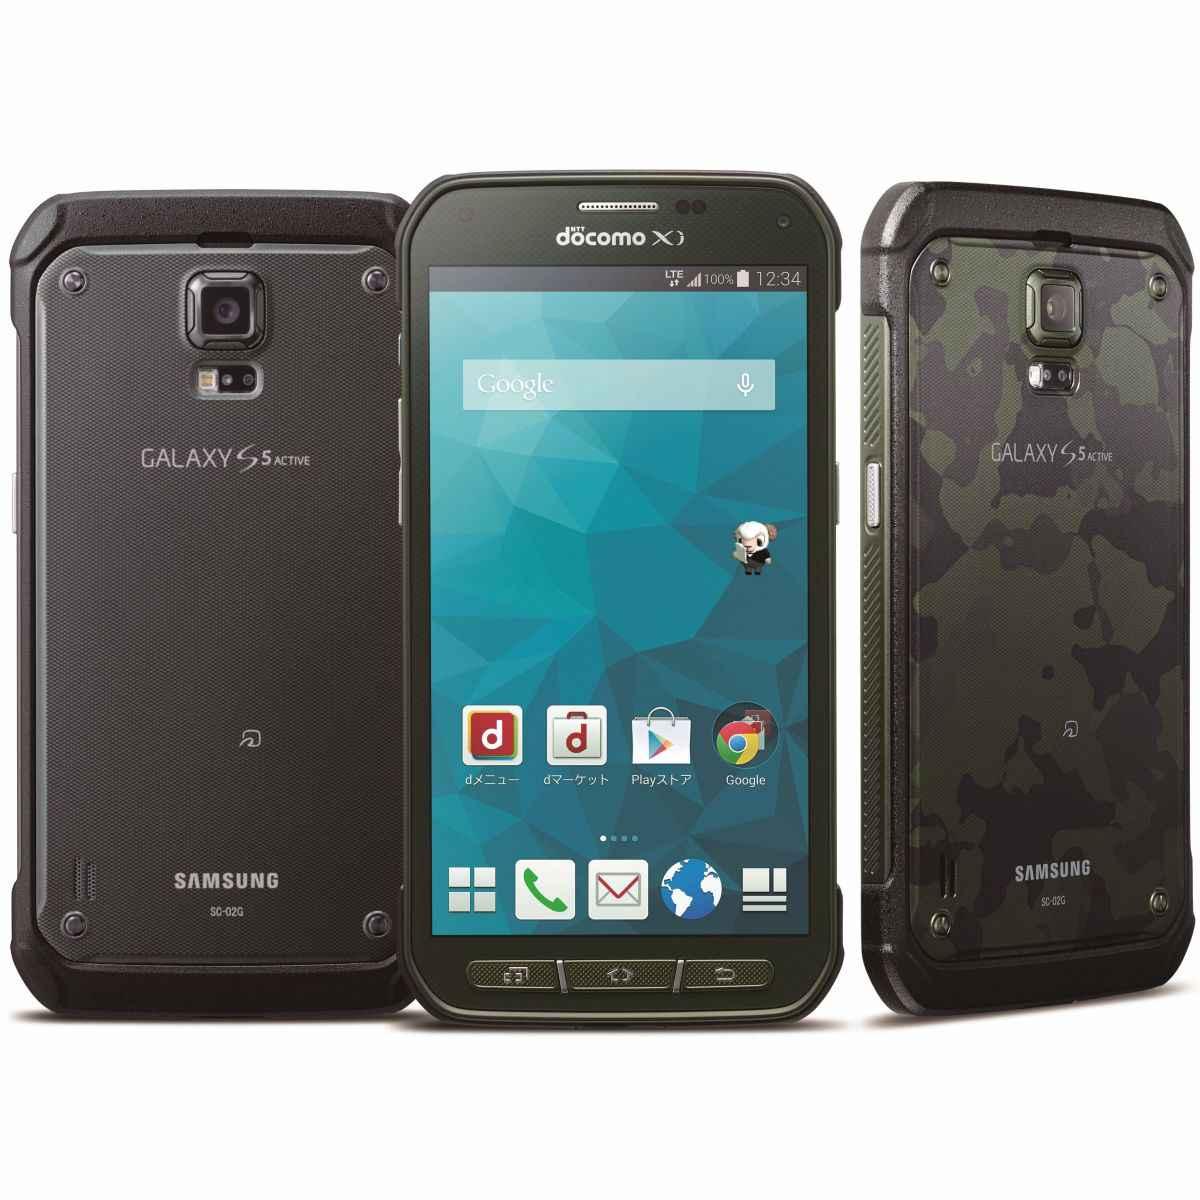 白ロム 中古 SIMロック解除済み Galaxy S5 ACTIVE SC-02G グリーン 本体のみ [Bランク]